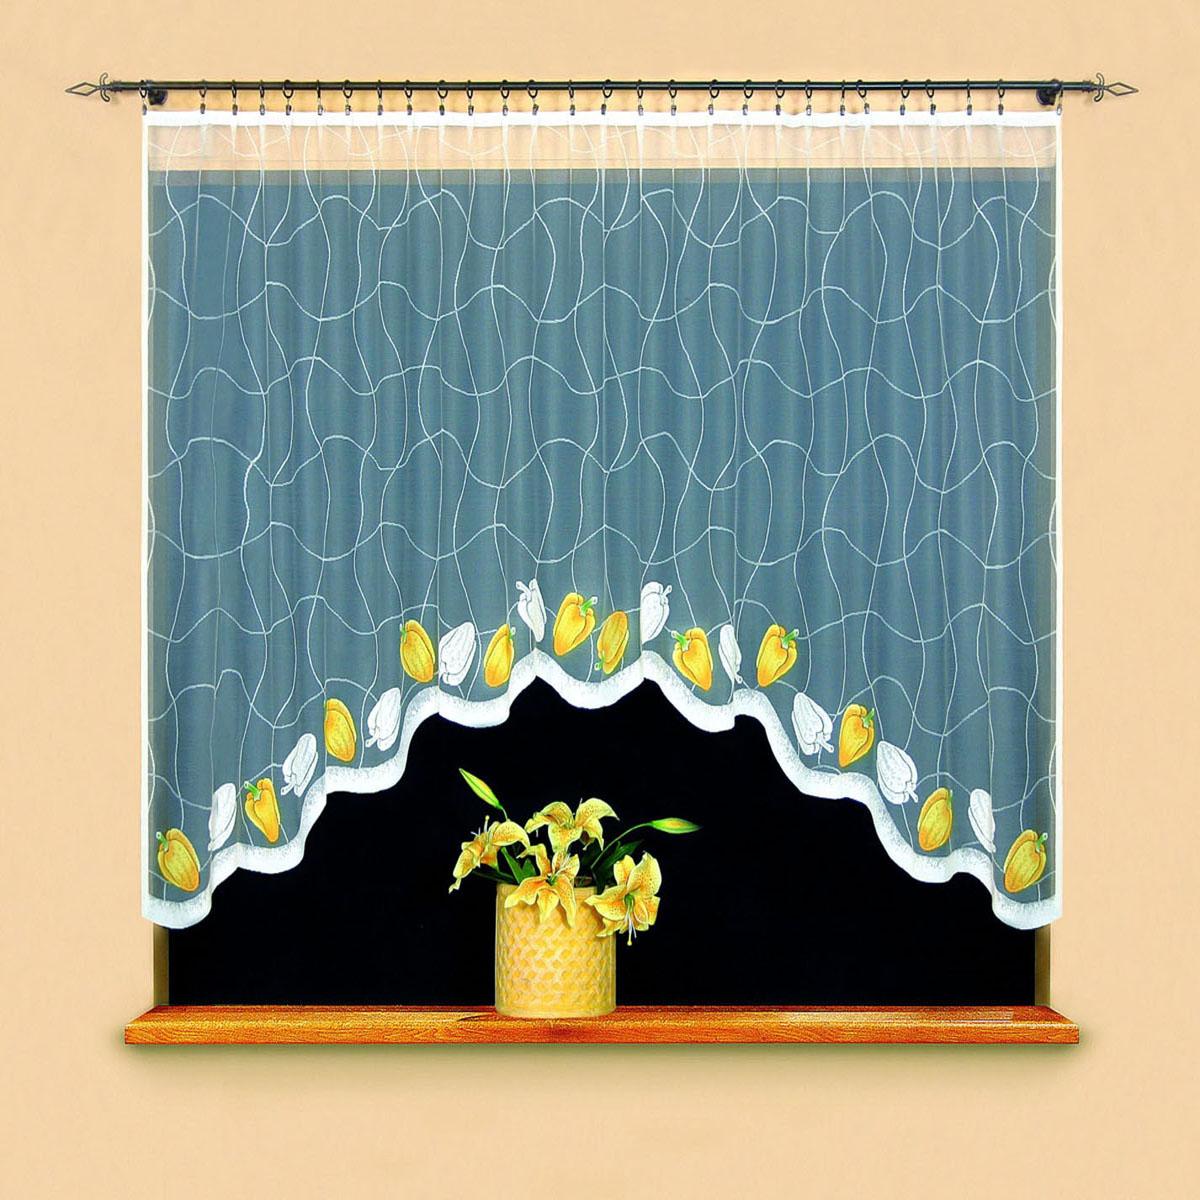 Гардина Wisan, цвет: белый, ширина 300 см, высота 150 см. 95059505вид крепления - под зажимы для штор Размеры: ширина 300*высота 150